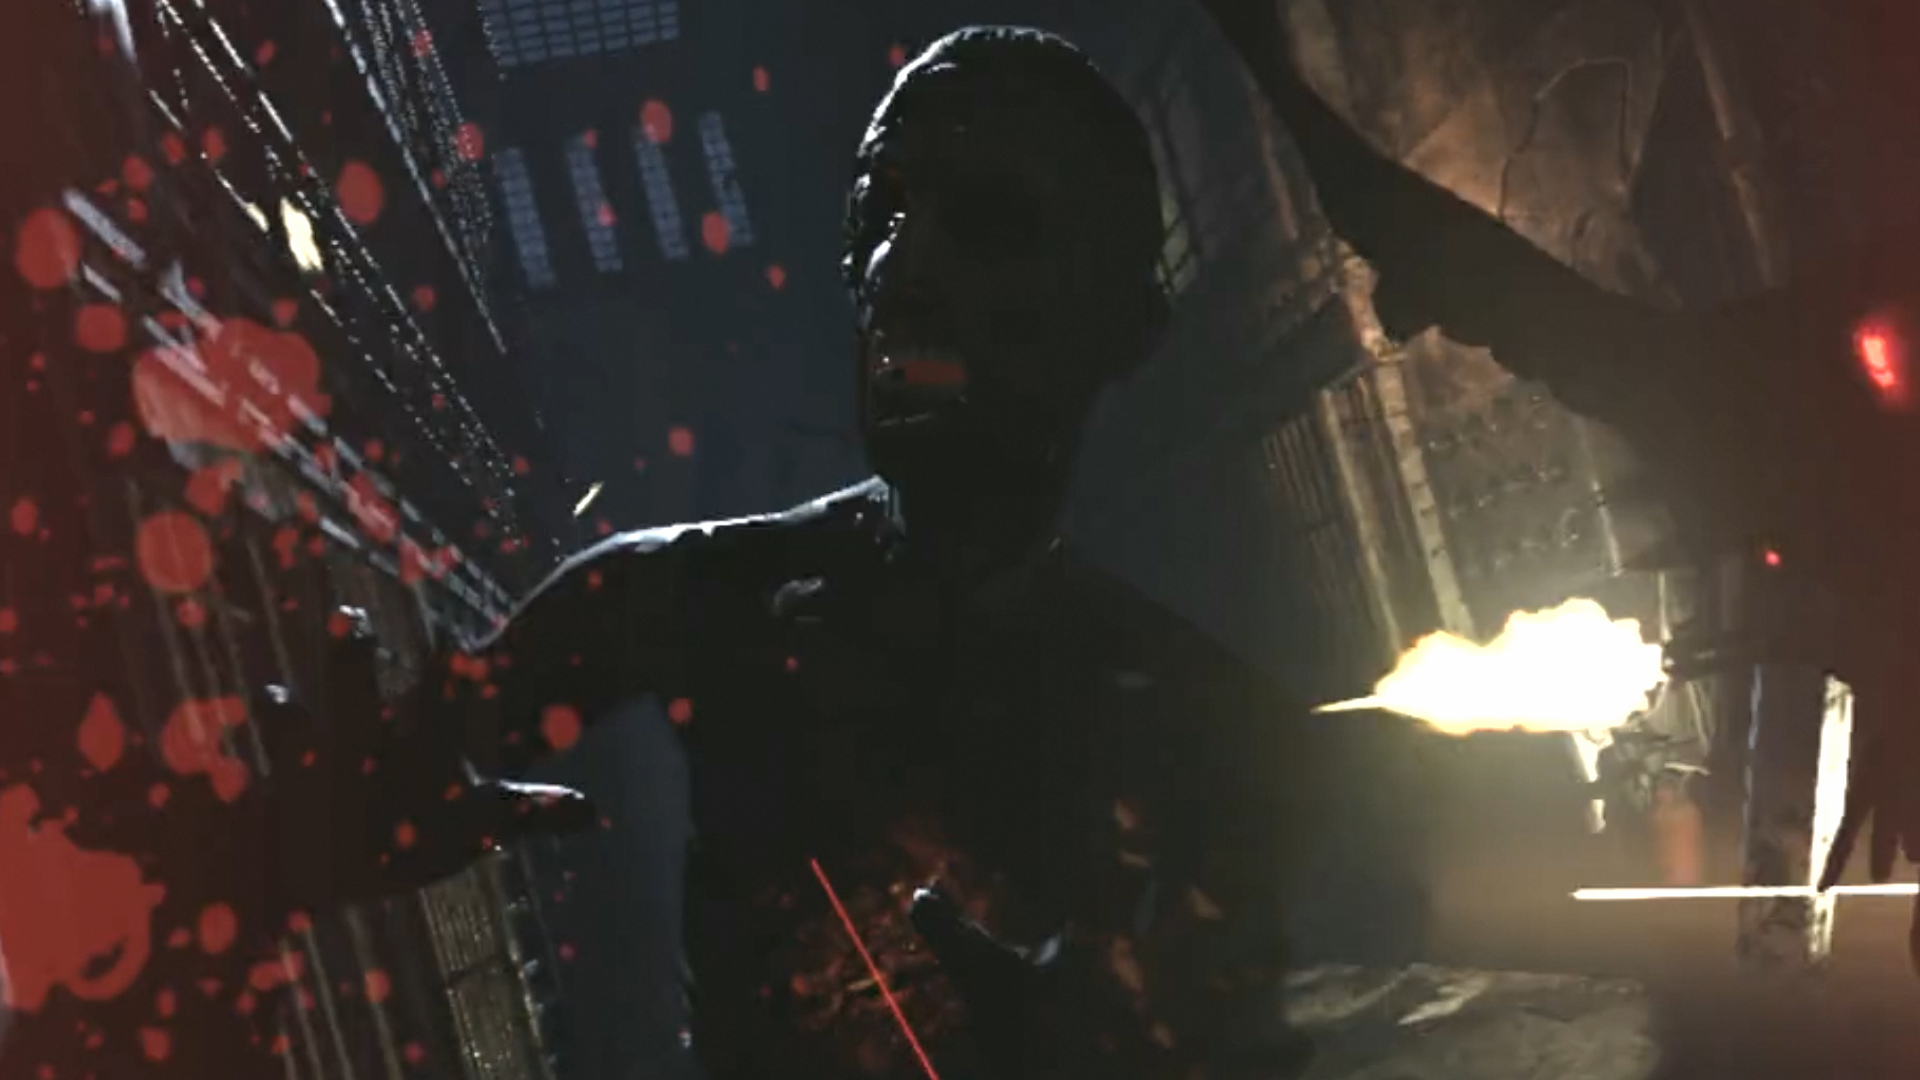 《生化煉獄》—殭屍狂奔,仿造電影「惡靈古堡」,驚悚恐怖射擊感,搭配獨家震動地板及震動槍枝,擬真效果十足!玩家可以充分觀賞720度環繞空間,於遊戲中被無數齜牙咧嘴、身形扭曲的嗜血喪屍追逐,耳邊能聽見風聲、殭屍嘶吼聲和人類發狂尖叫聲,挑戰射擊準繩度之外,更考驗團隊默契與互助合作。恐懼指數:★★★★